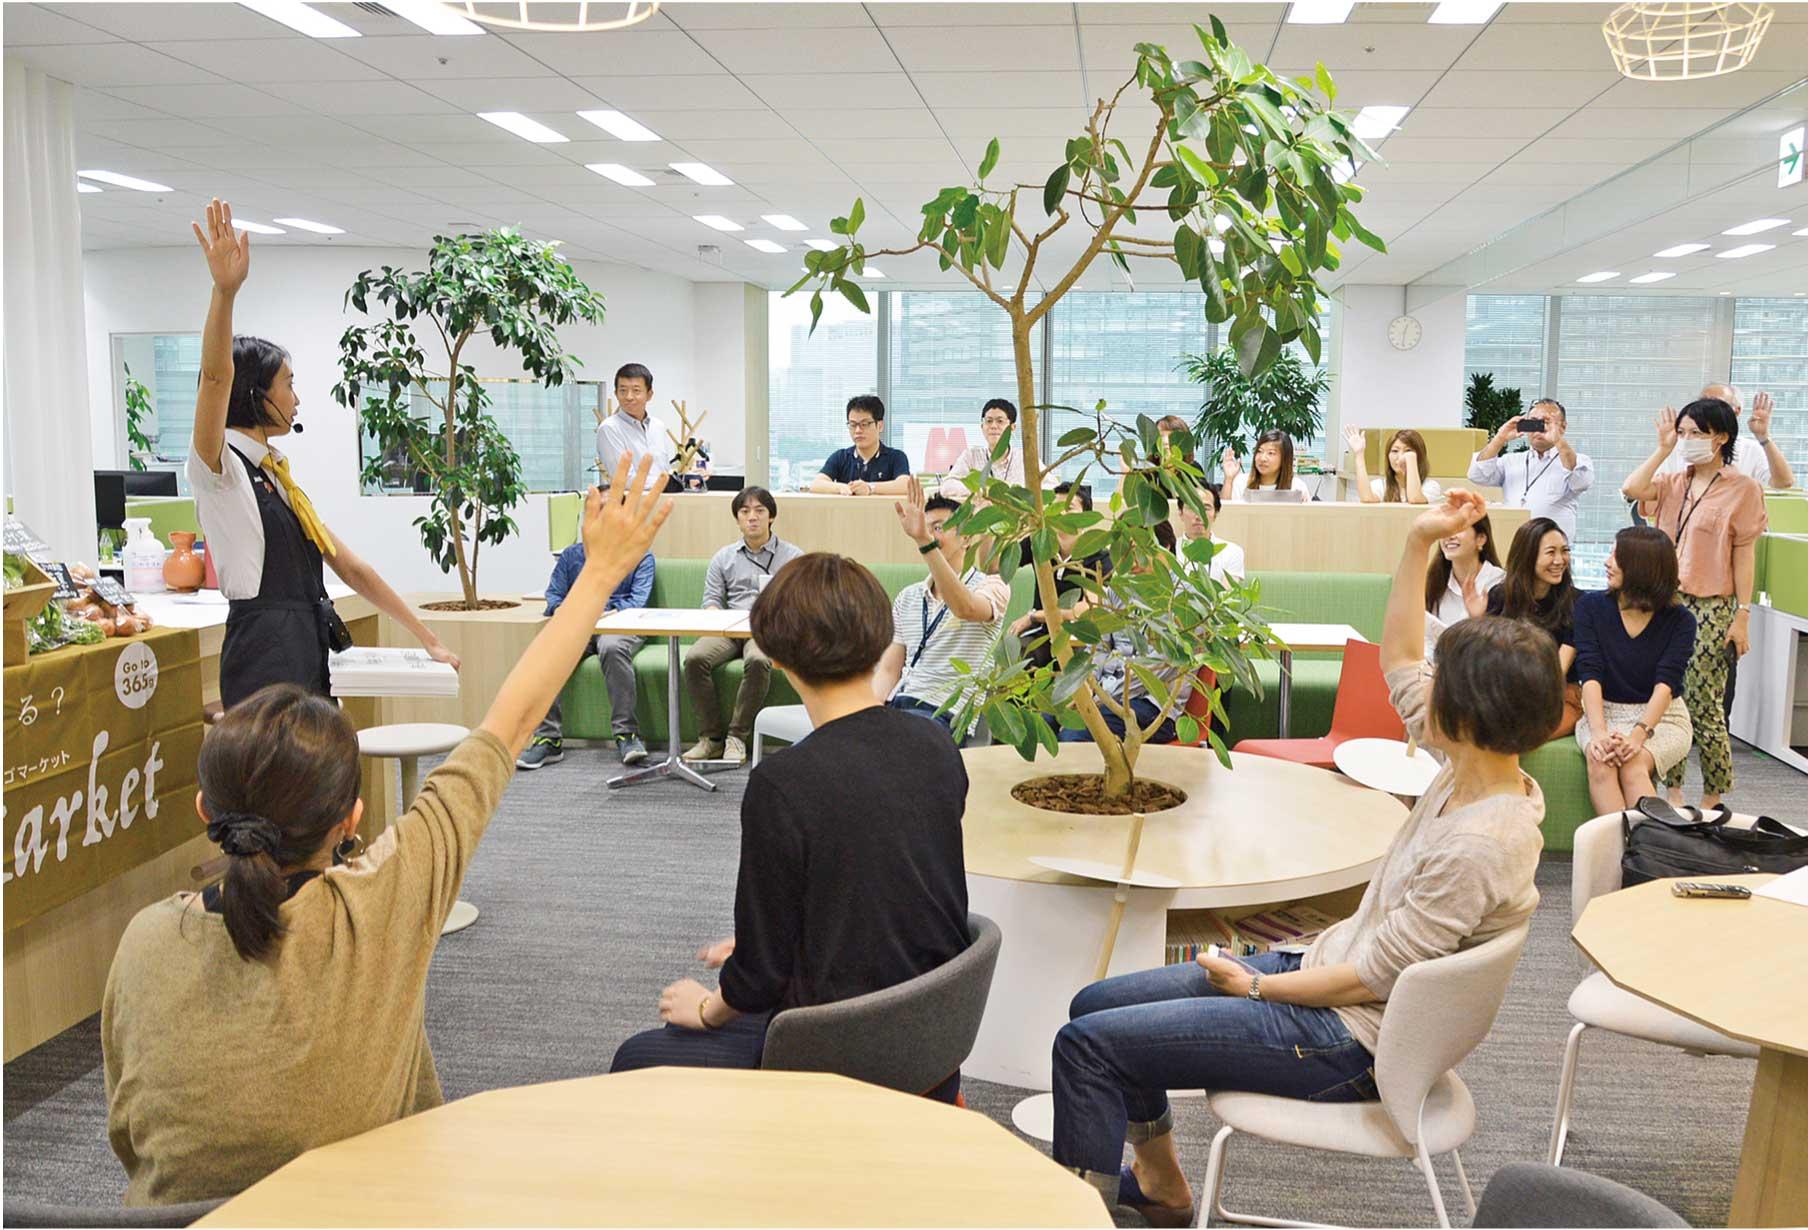 【特集】オフィスで従業員の健康促進!カラダづくりで業績向上(2018年4月号)